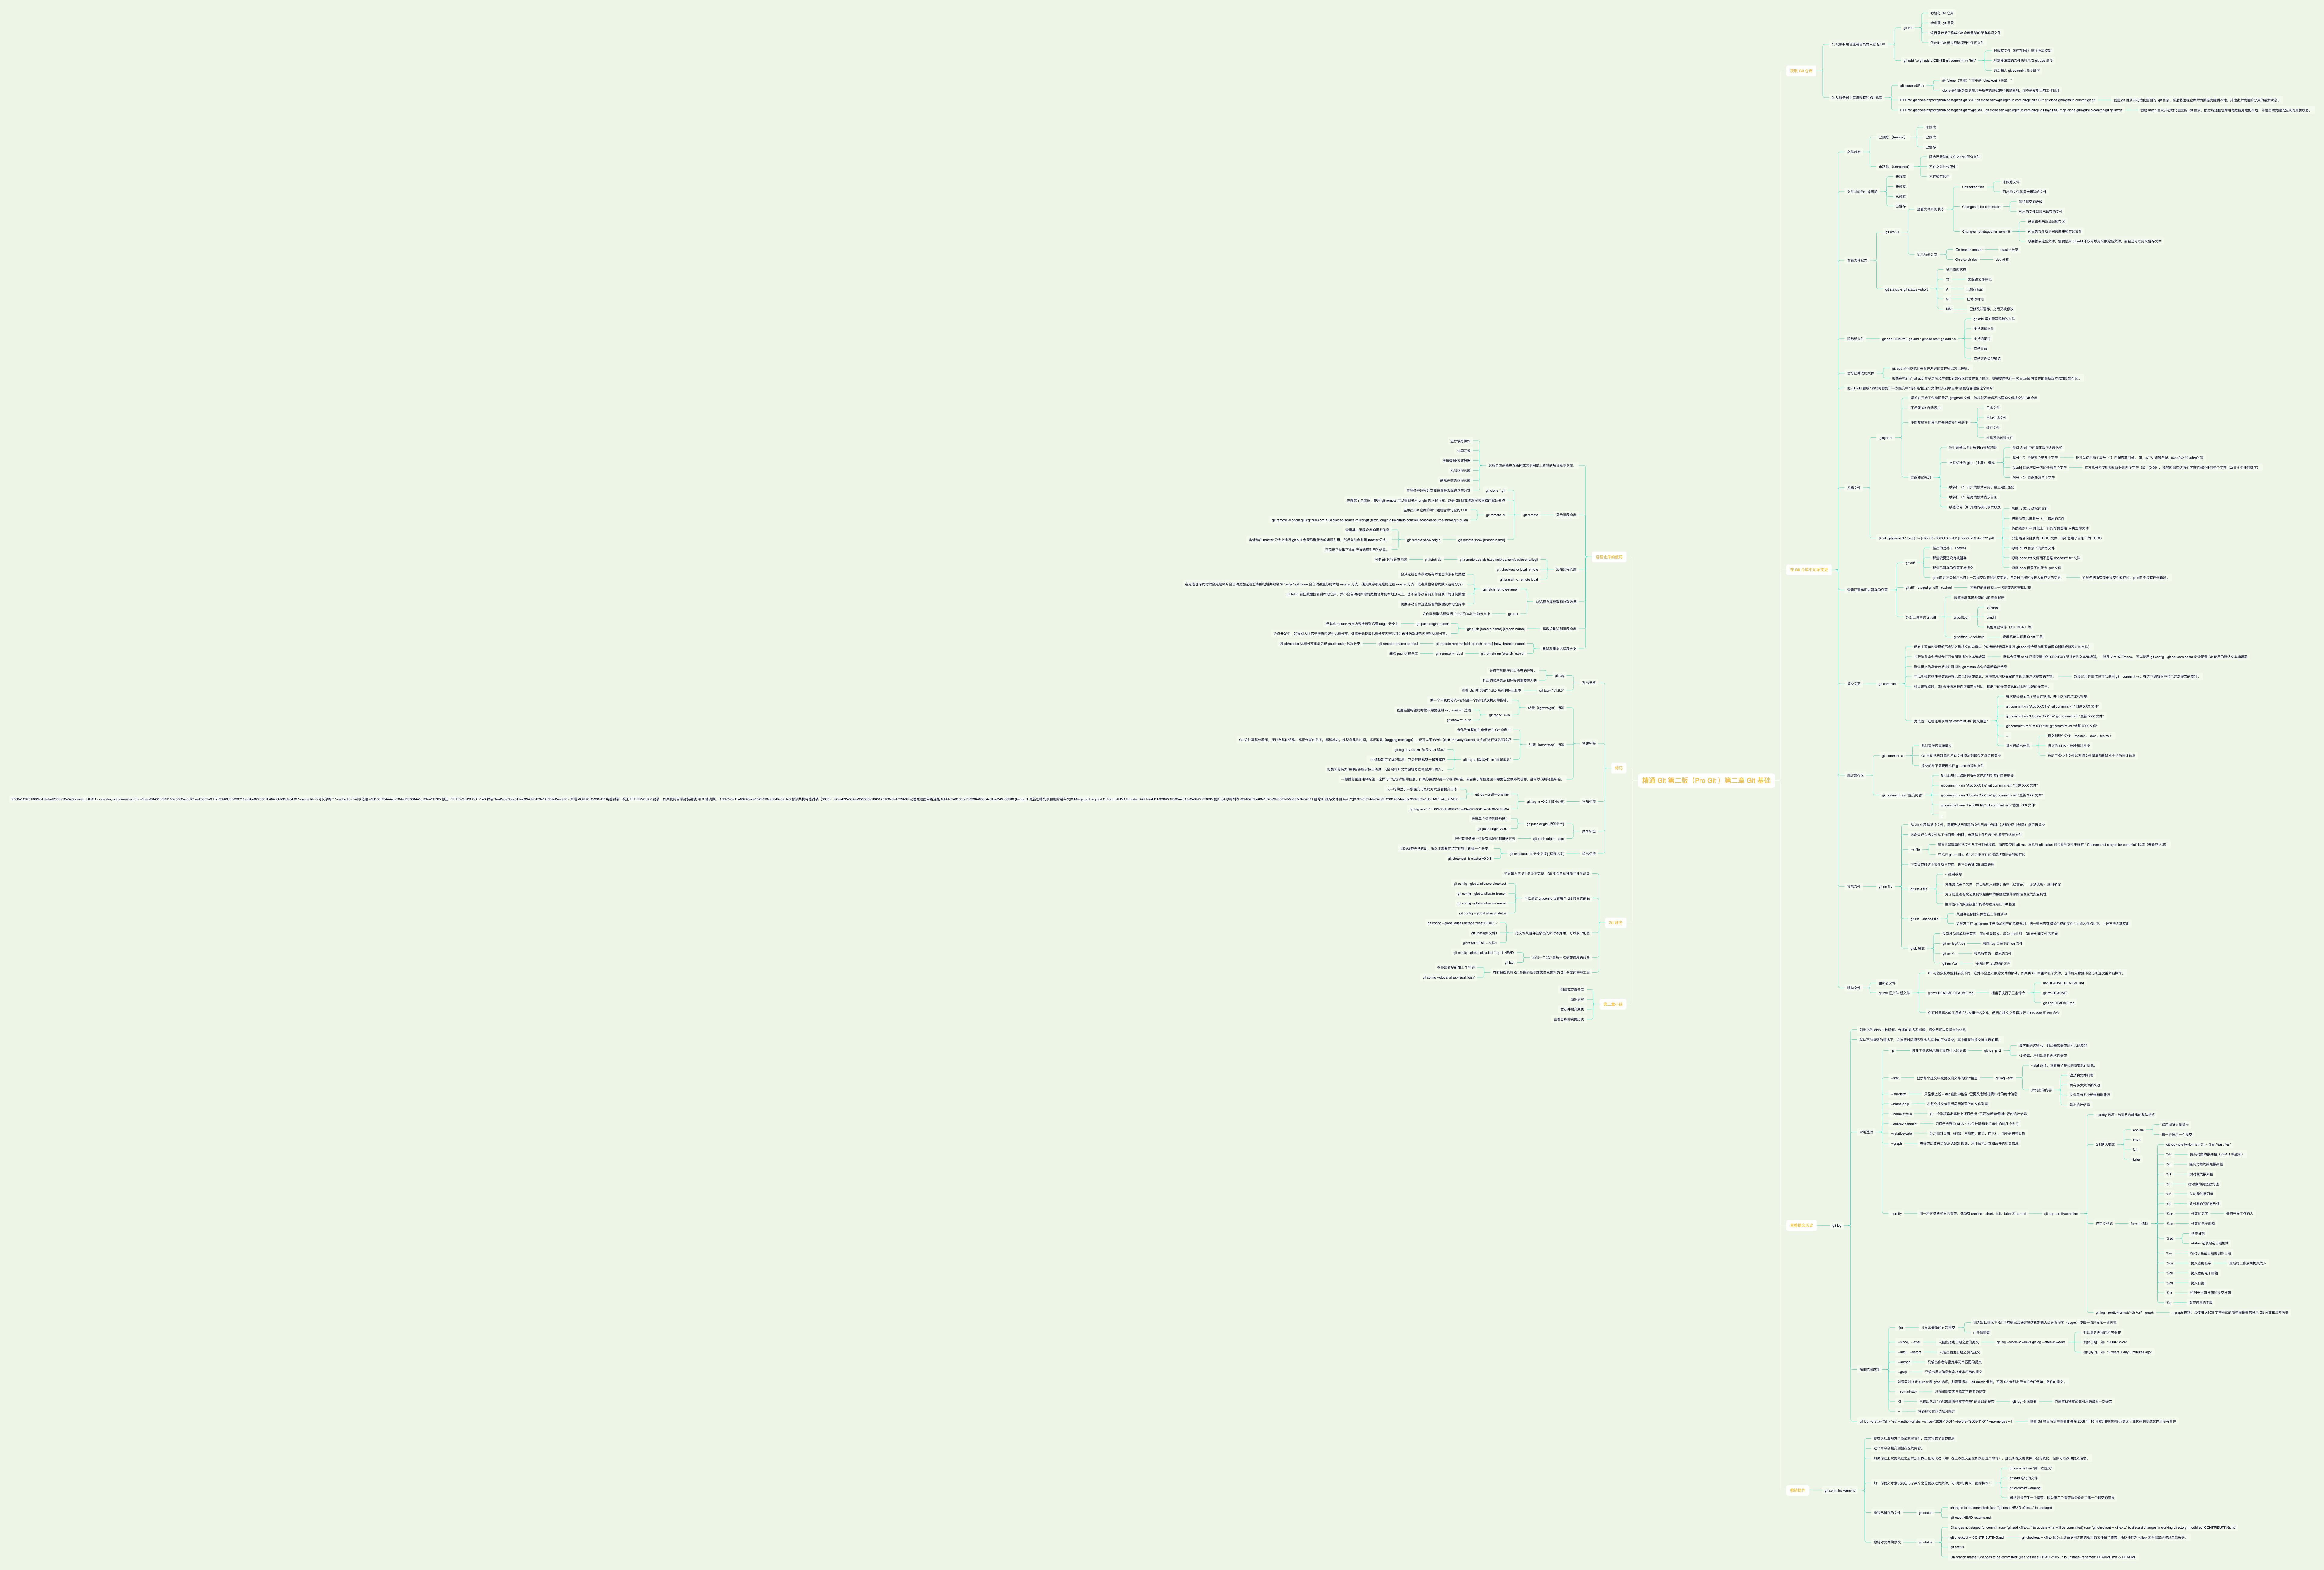 精通 Git 第二版(Pro Git )第二章 Git 基础